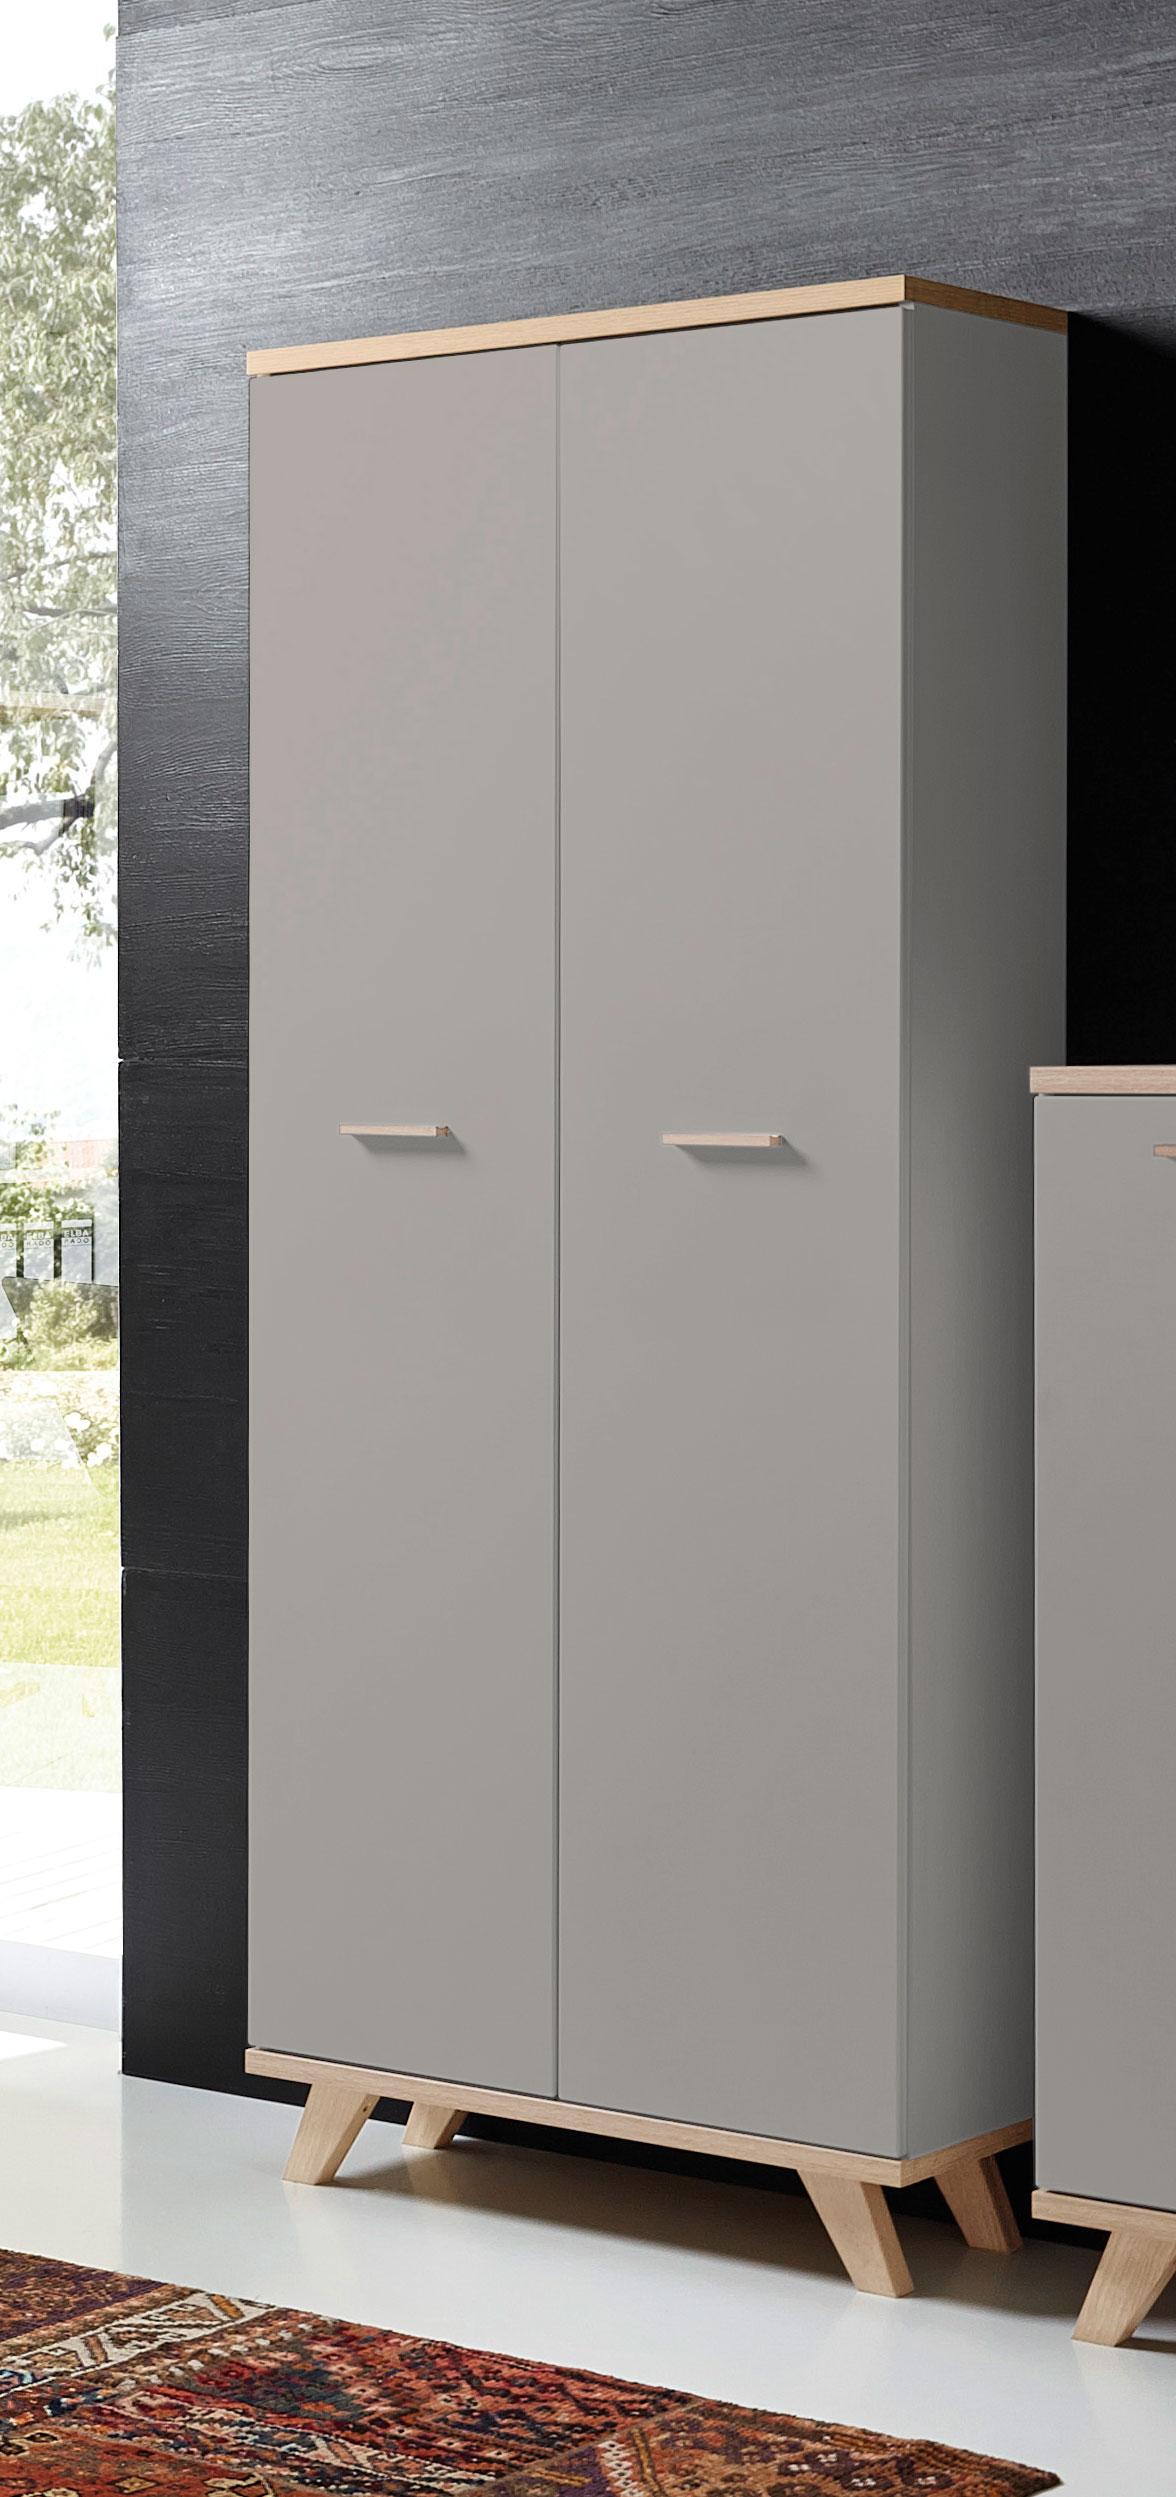 Armoire haute de bureau contemporaine coloris chêne/gris mat Sarah